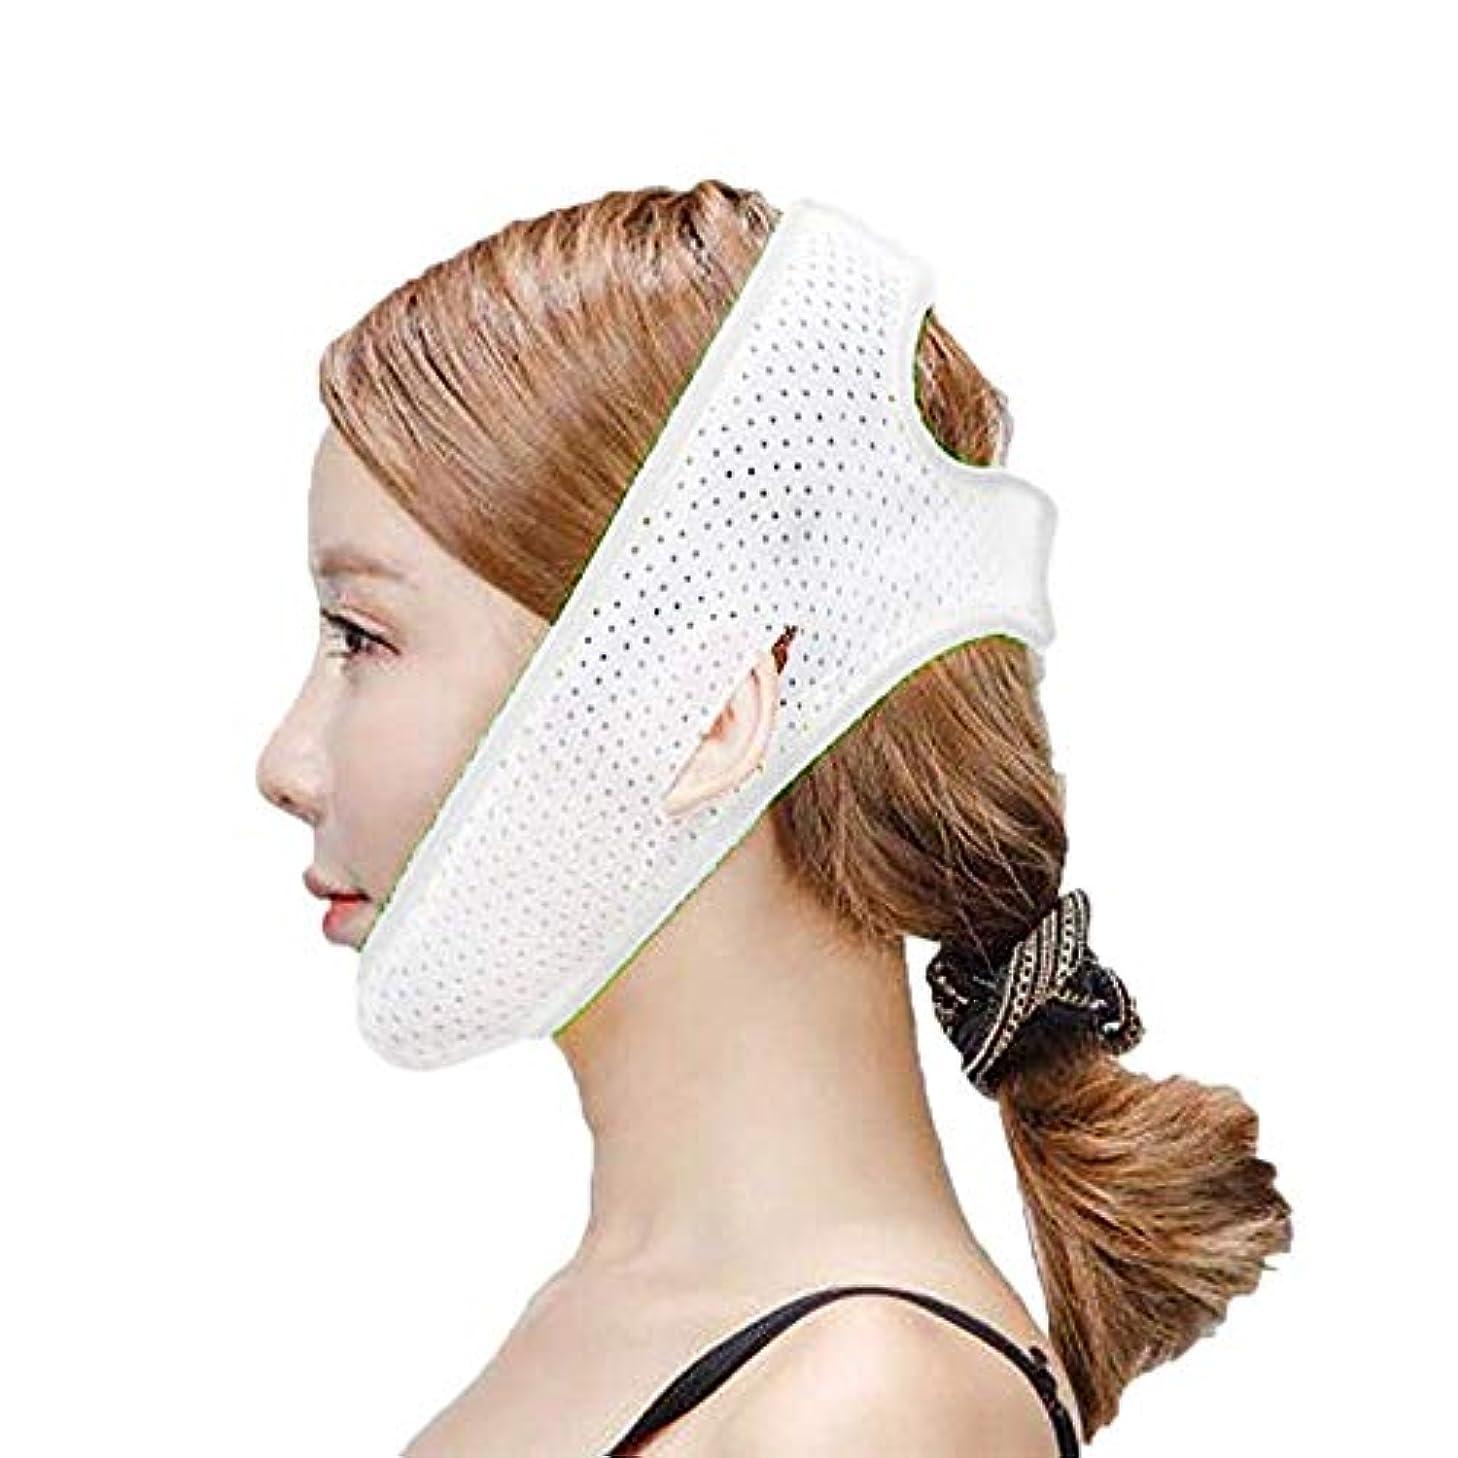 司令官公然と頑固なフェイスリフトマスク、ダブルチンストラップ、フェイシャル減量マスク、フェイシャルダブルチンケアスリミングマスク、リンクルマスク(フリーサイズ)(カラー:ブラック),白